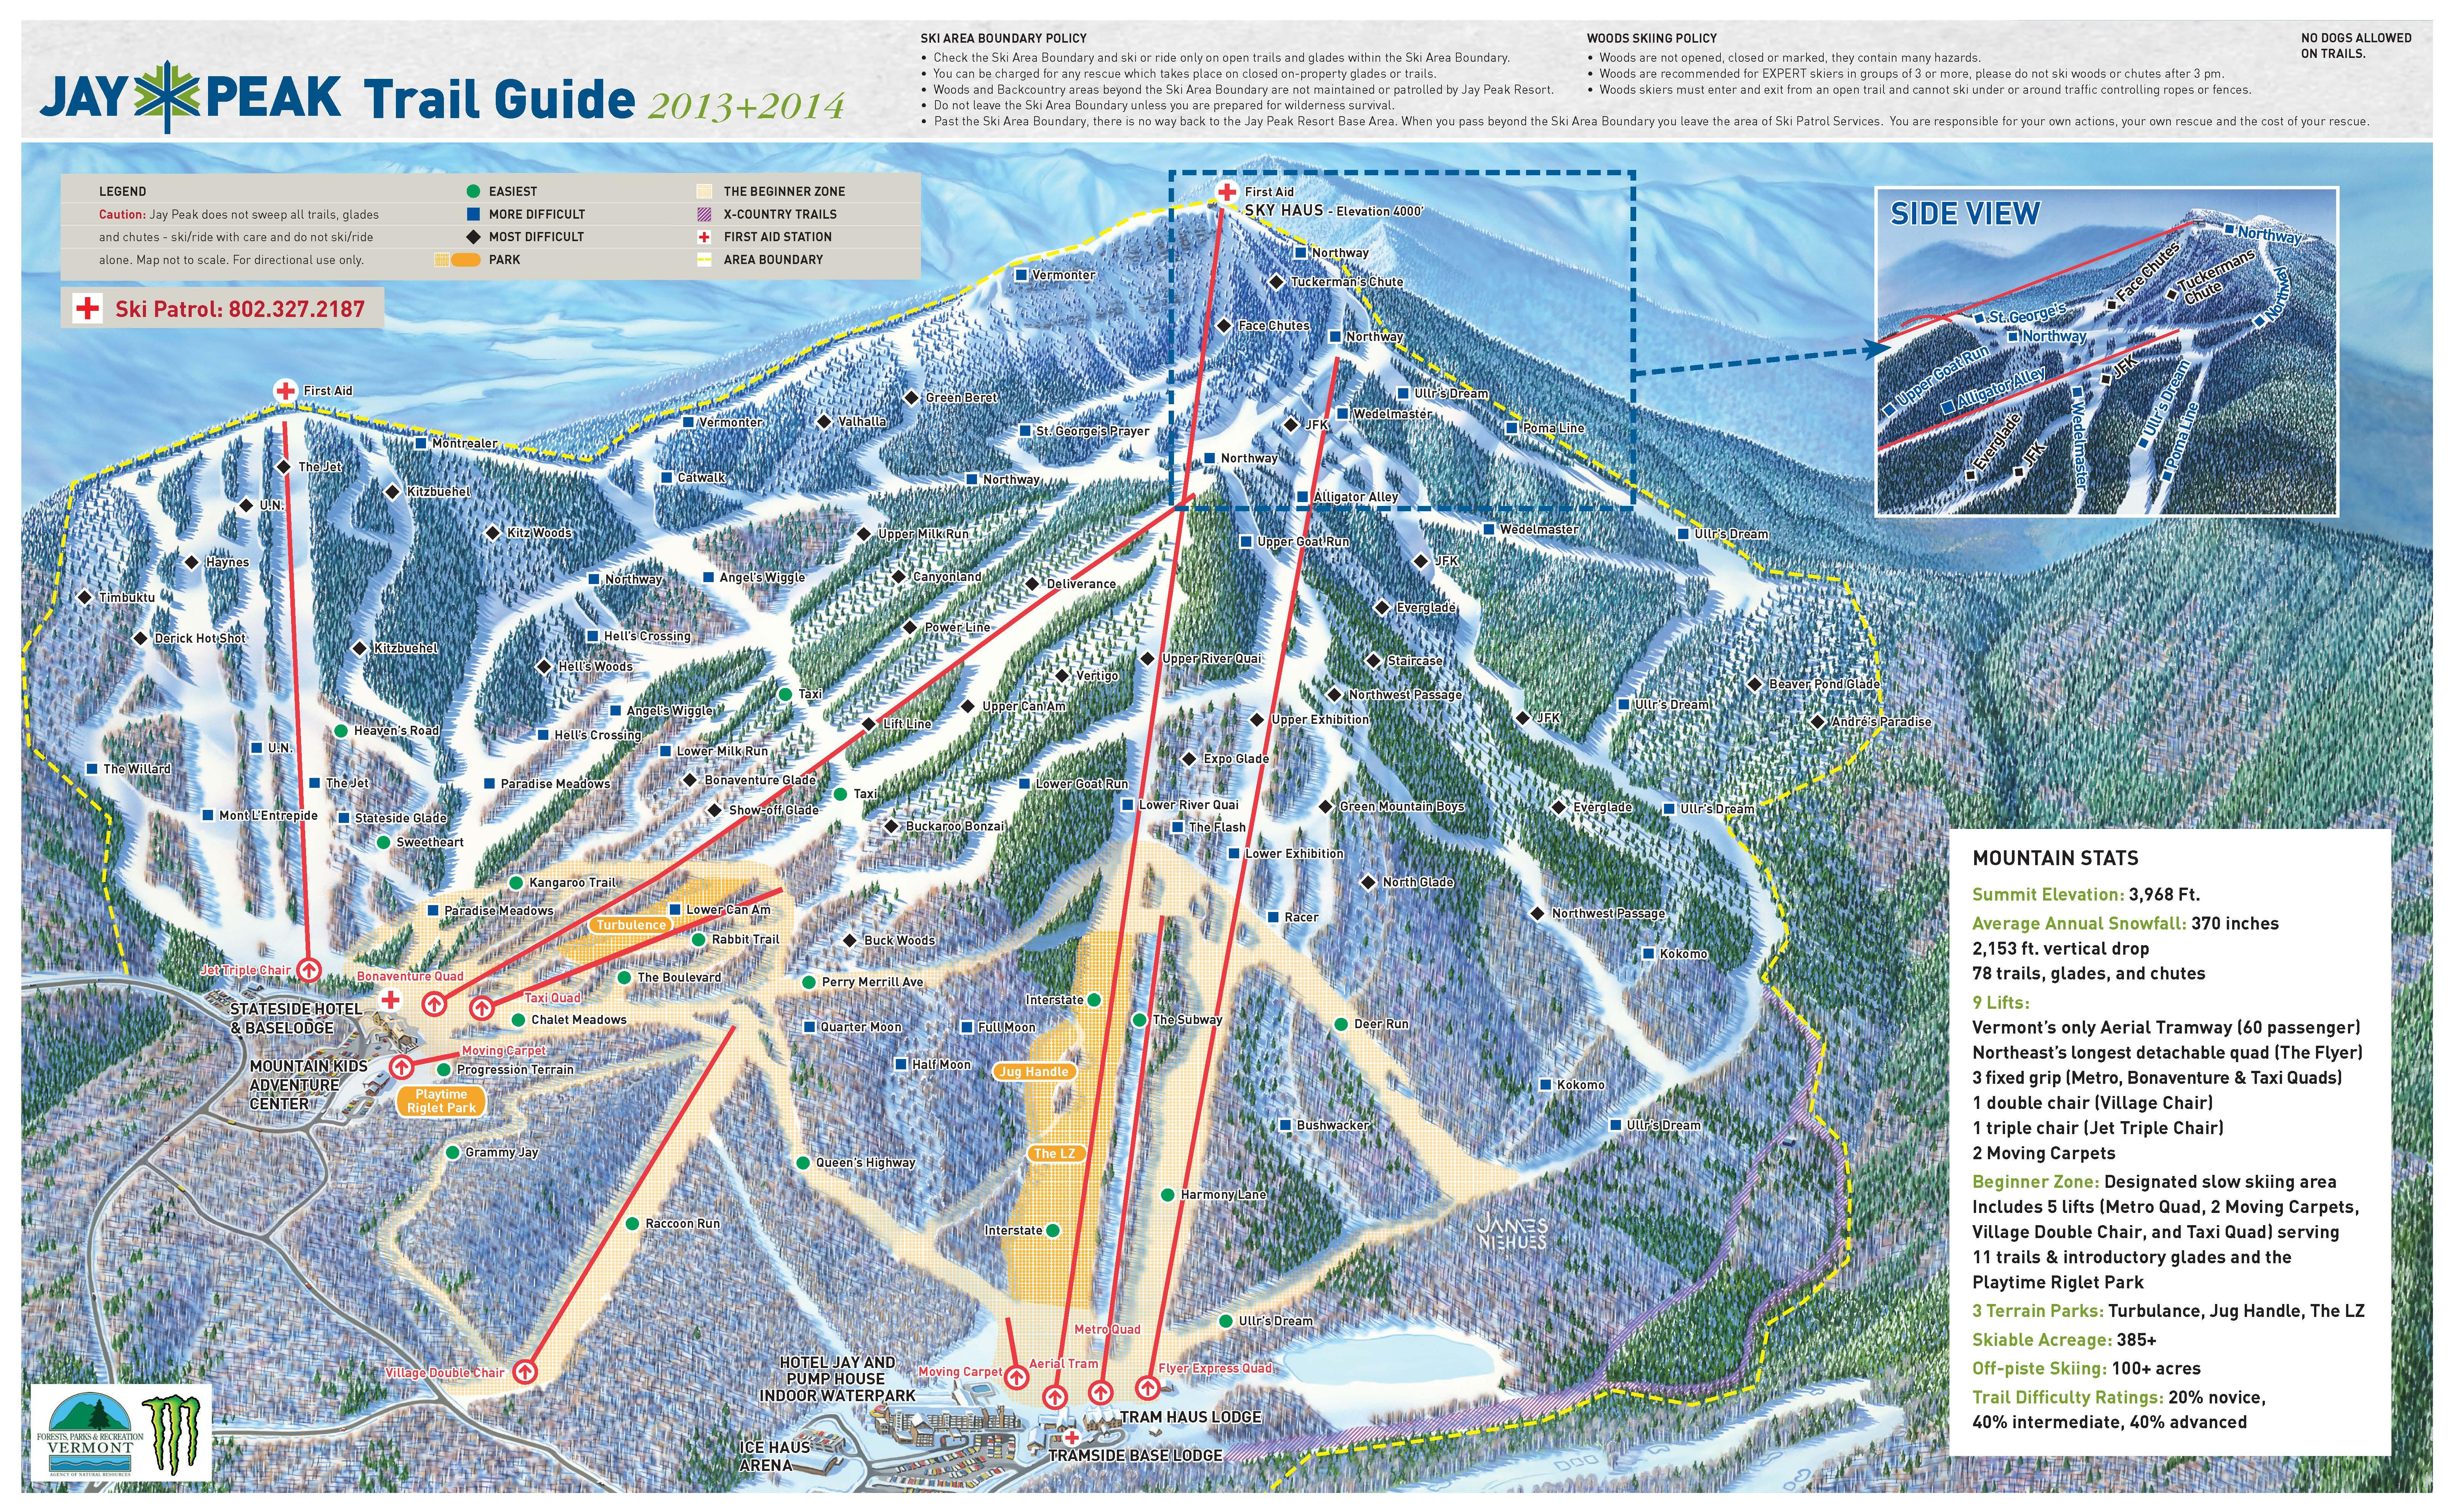 Jay Peak Resort Map Skiing & Snowboarding   Phineas Swann Bed and Breakfast Inn Jay Peak Resort Map